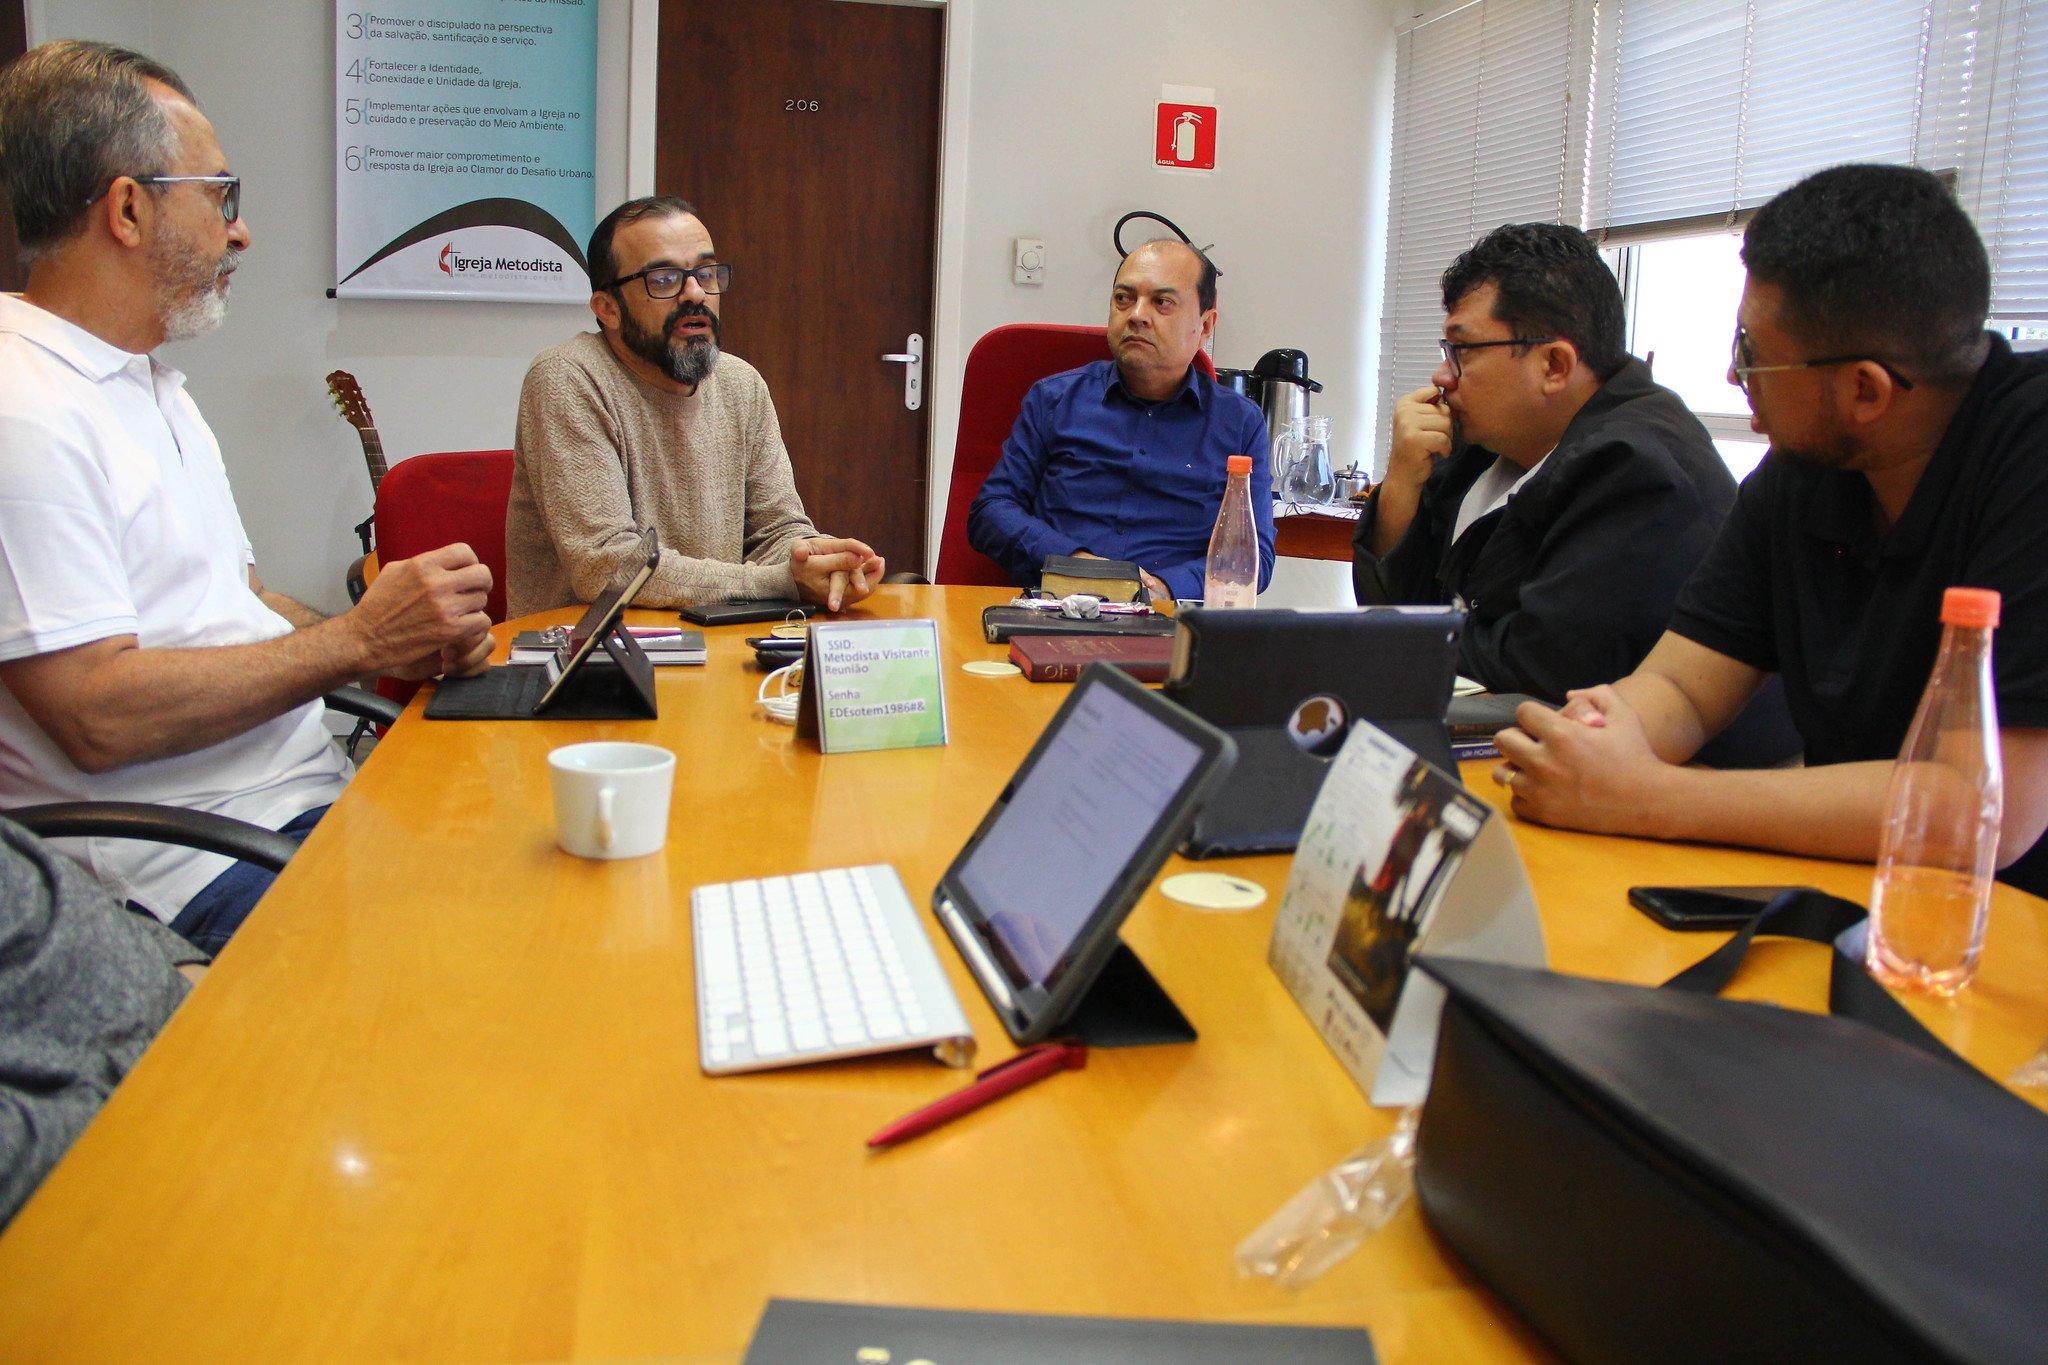 Câmara Nacional de Discipulado se reúne em São Paulo